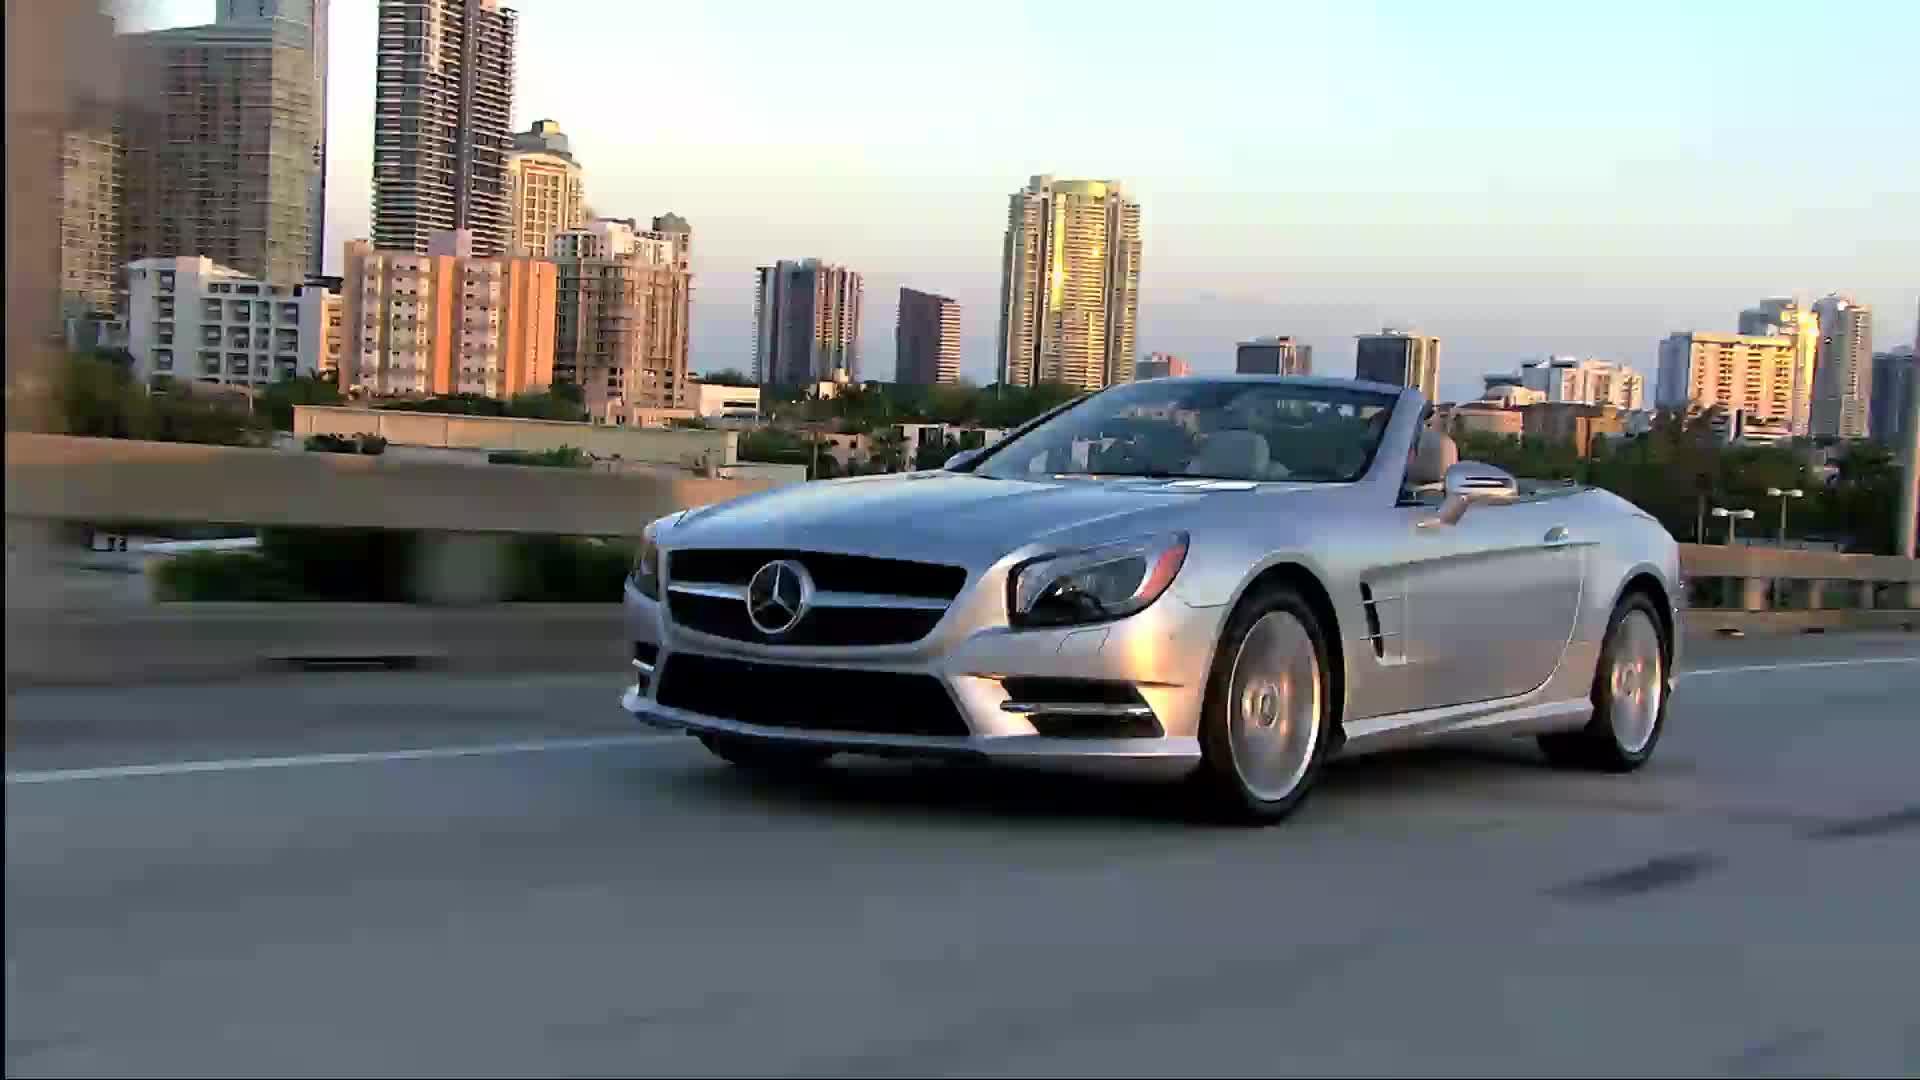 2013 Mercedes-Benz SL550 - Running Footage